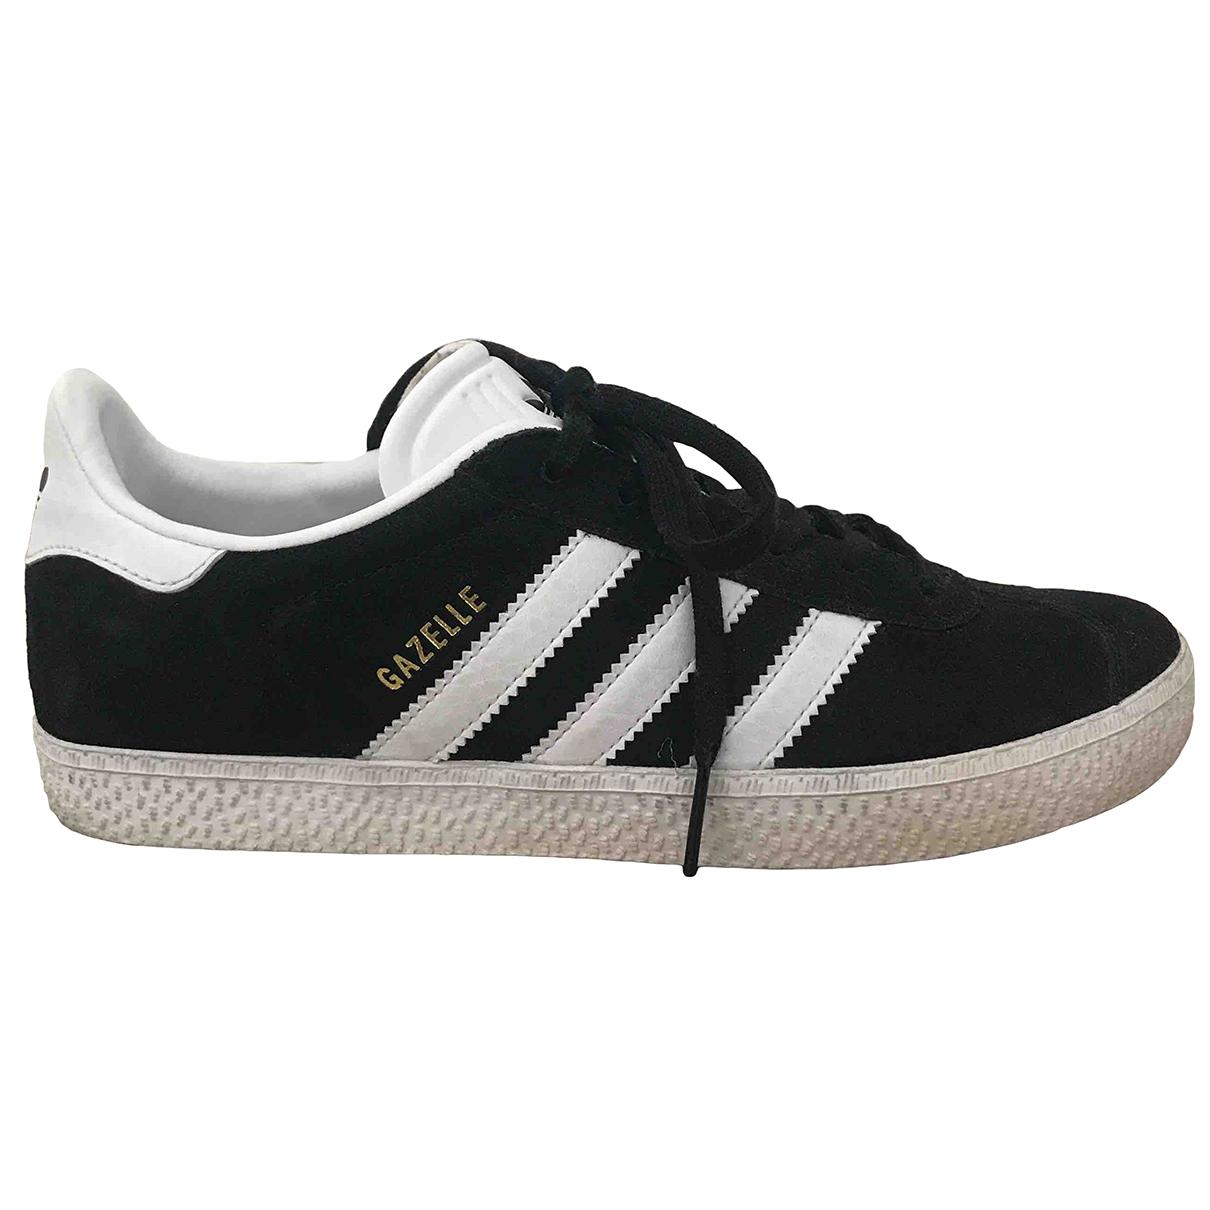 Adidas - Baskets Gazelle pour femme en suede - noir